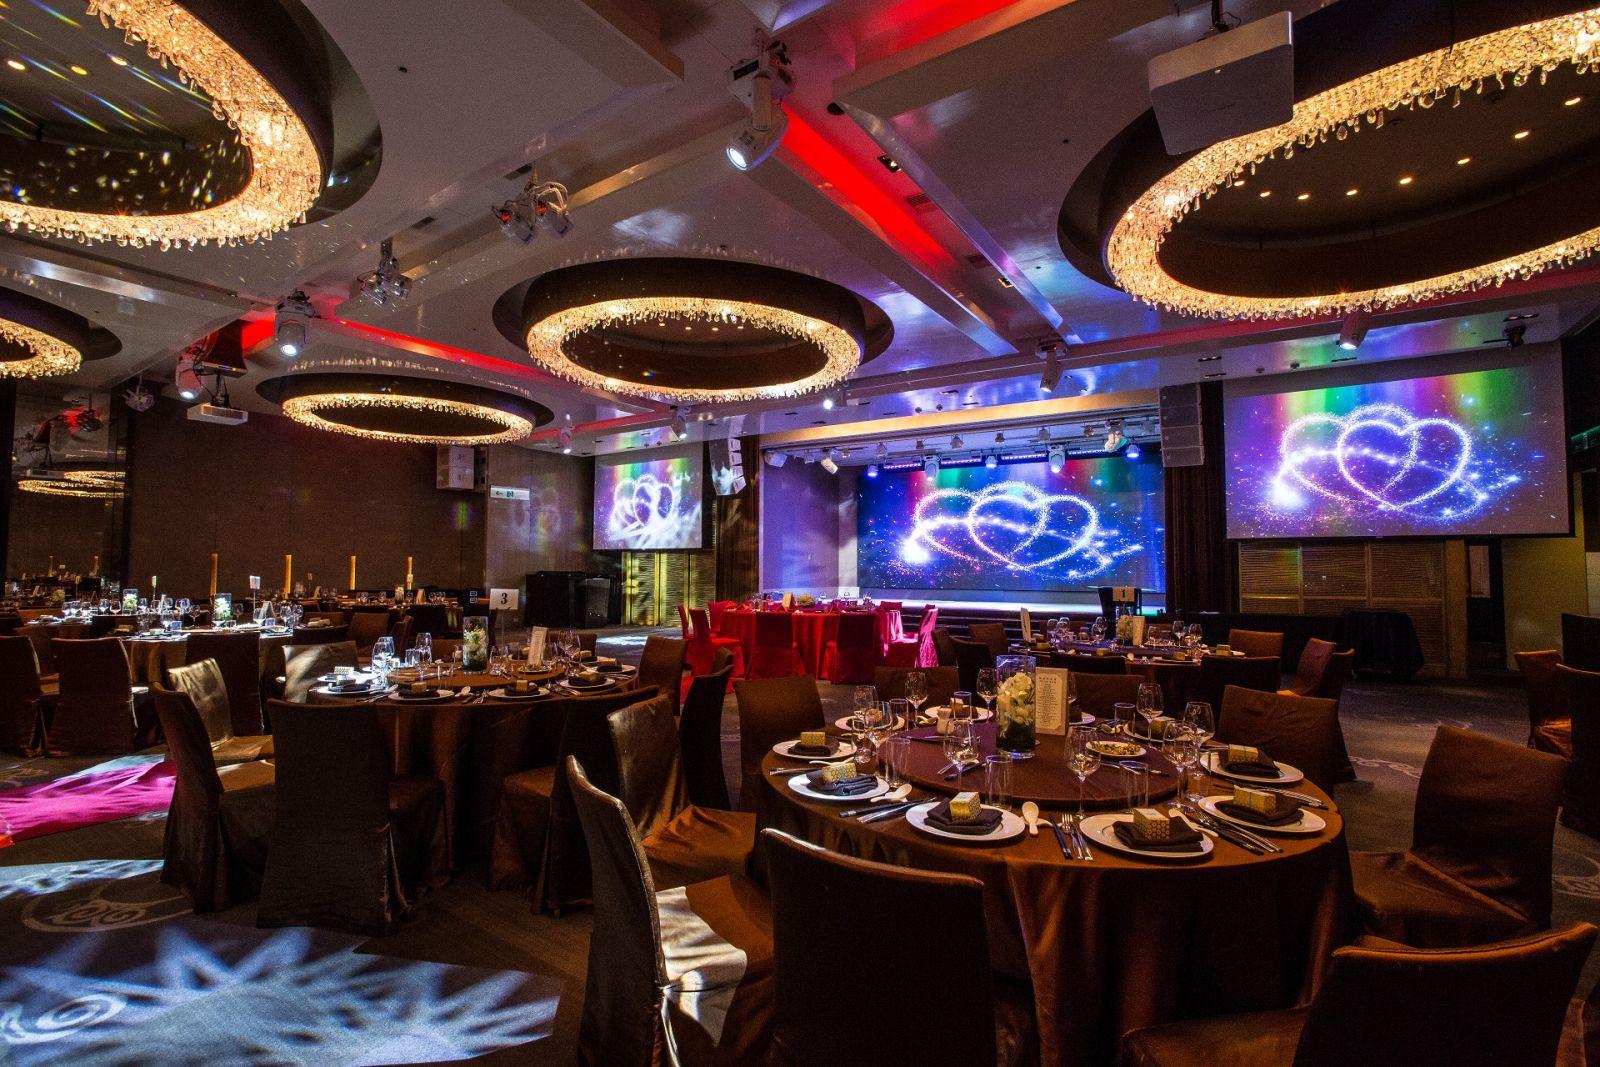 【國軍婚宴優惠專案】唯一五星飯店推出 婚宴價每桌8,800元起十年來最低